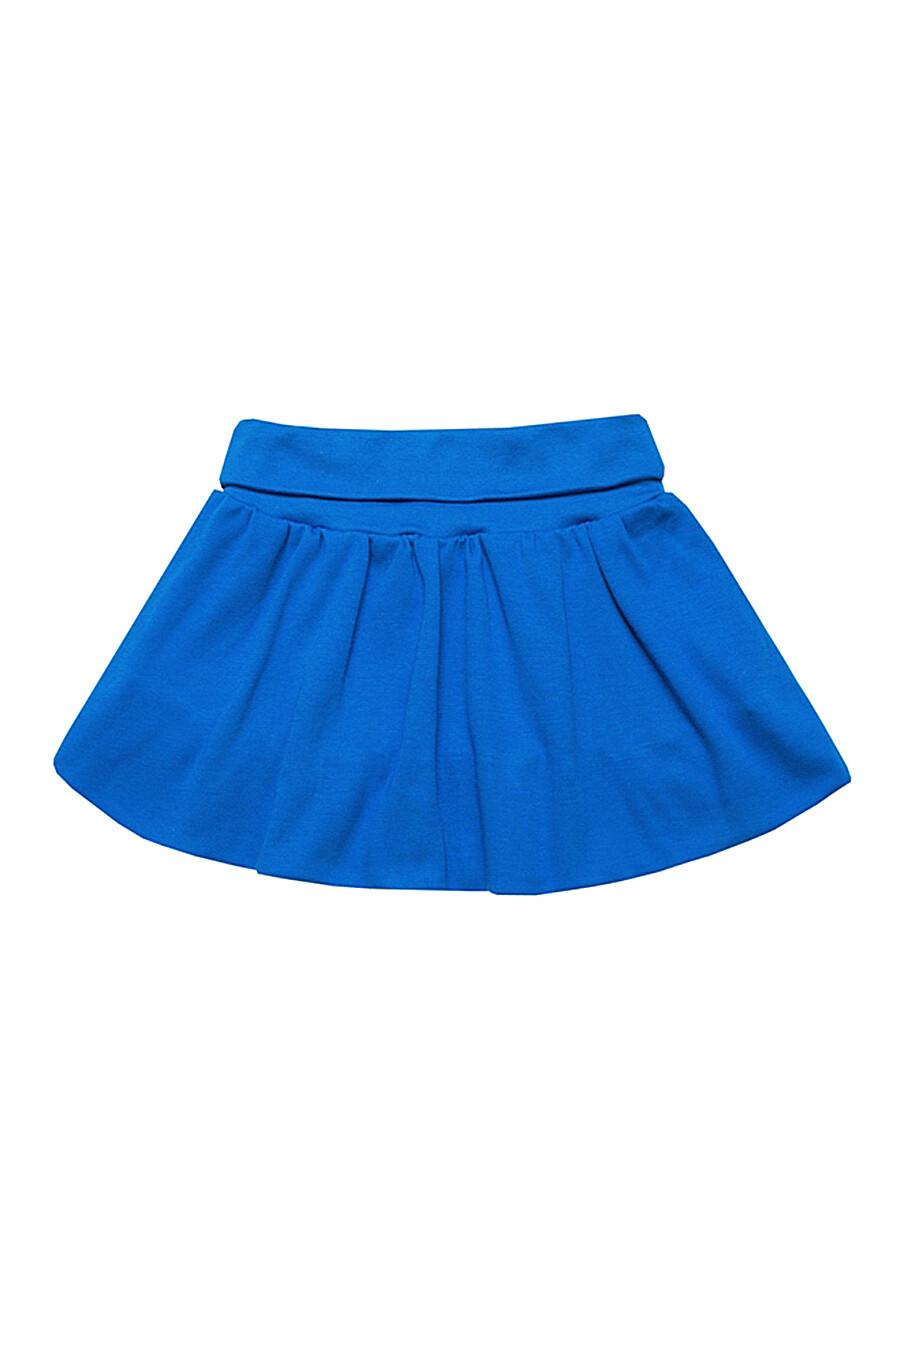 Юбка для девочек АПРЕЛЬ 699921 купить оптом от производителя. Совместная покупка детской одежды в OptMoyo